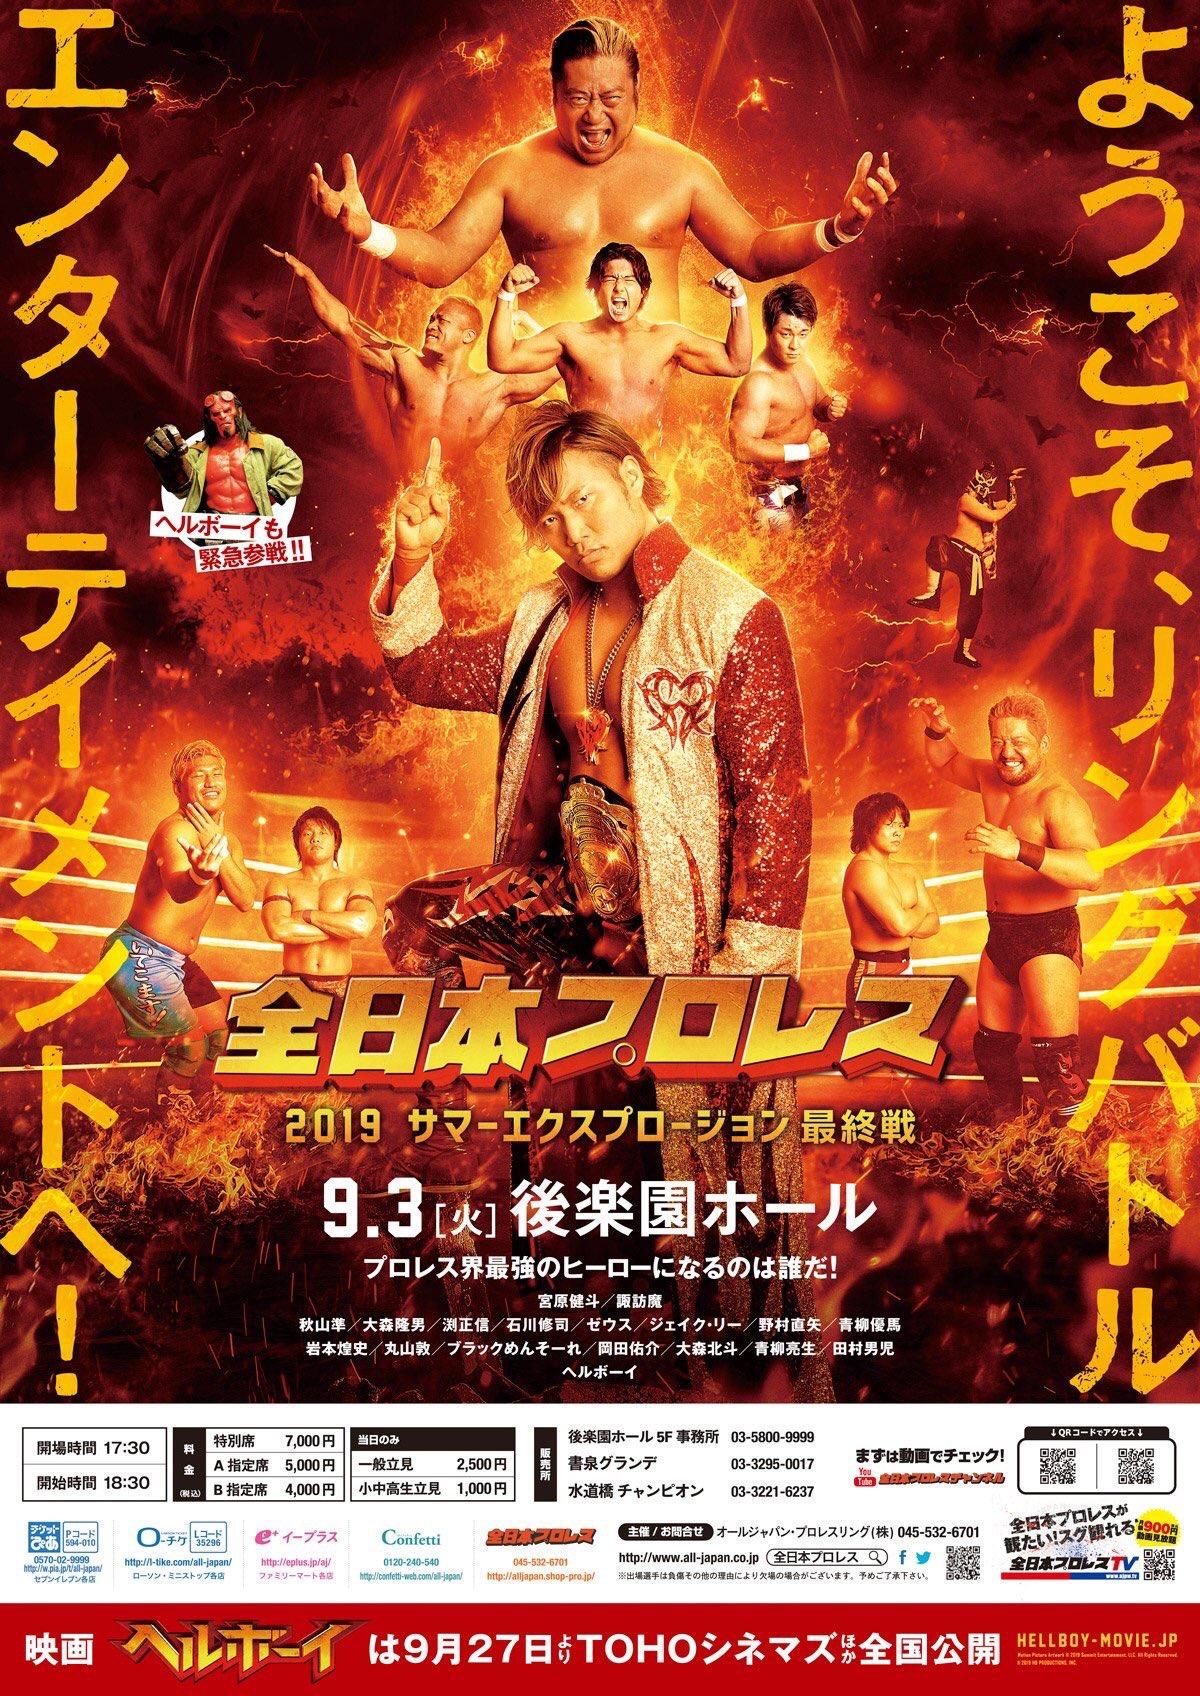 El debut luchístico en Japón de... Hellboy 2